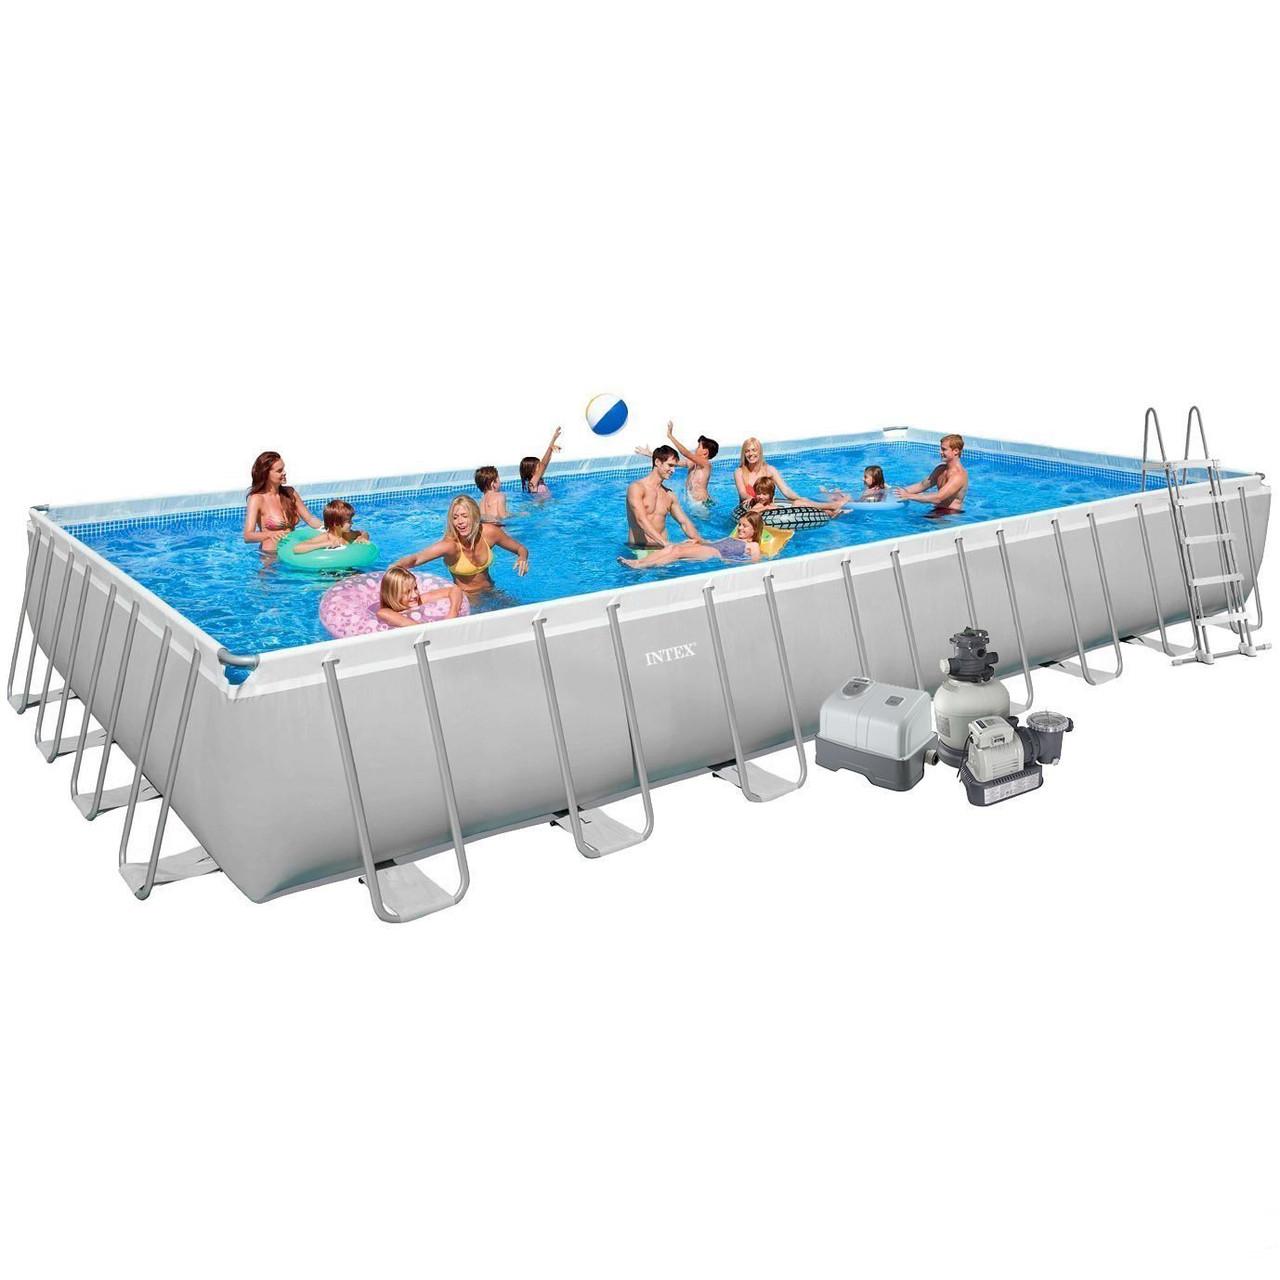 Каркасний басейн Intex Ultra Frame Rectangular Pool 975х488х132 см прямокутний Басейн